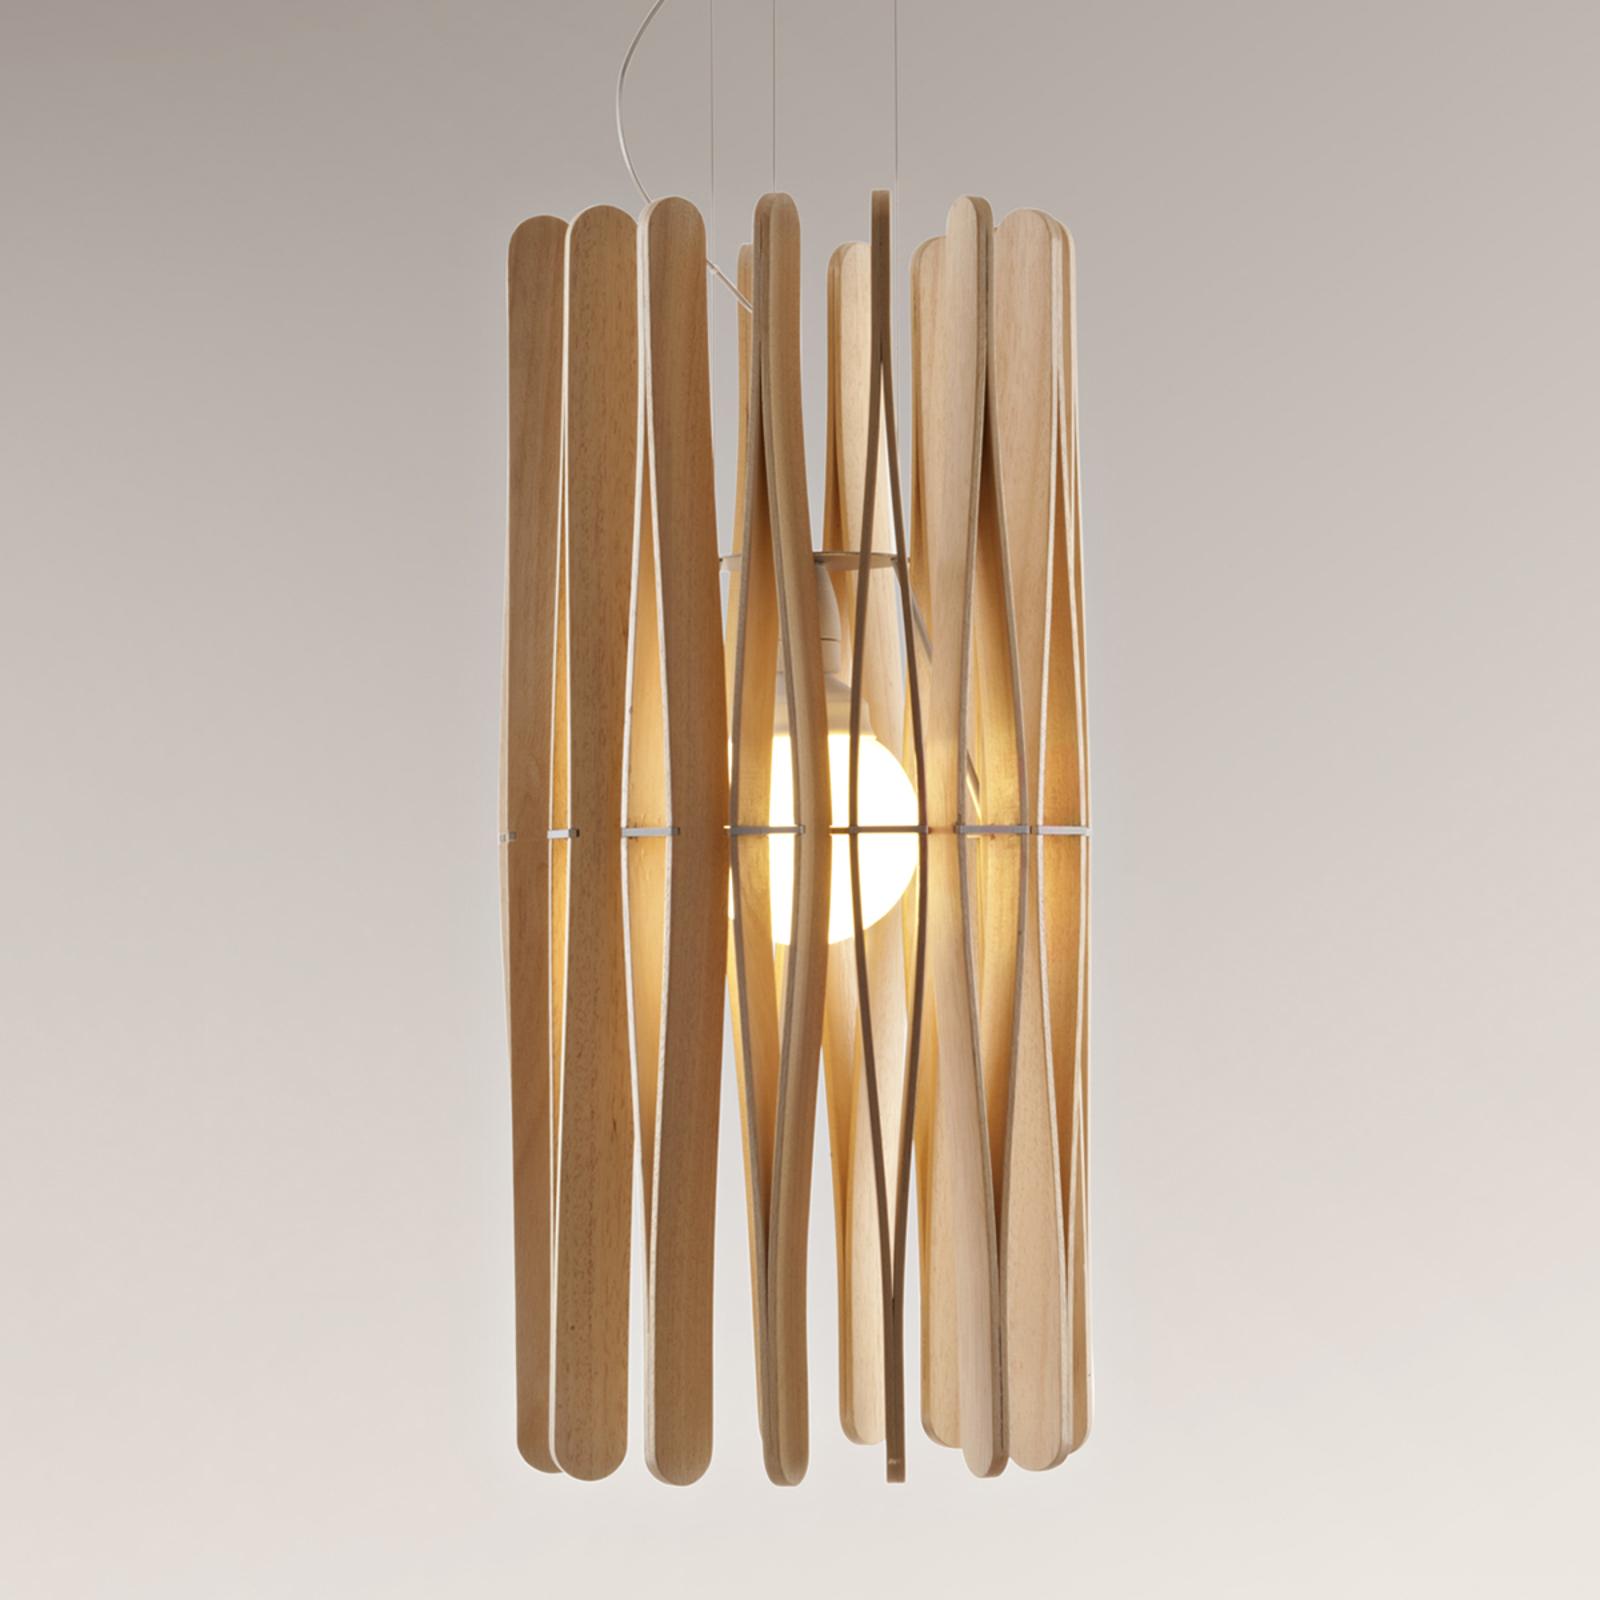 Fabbian Stick hængelampe i træ, cylindrisk, 33 cm